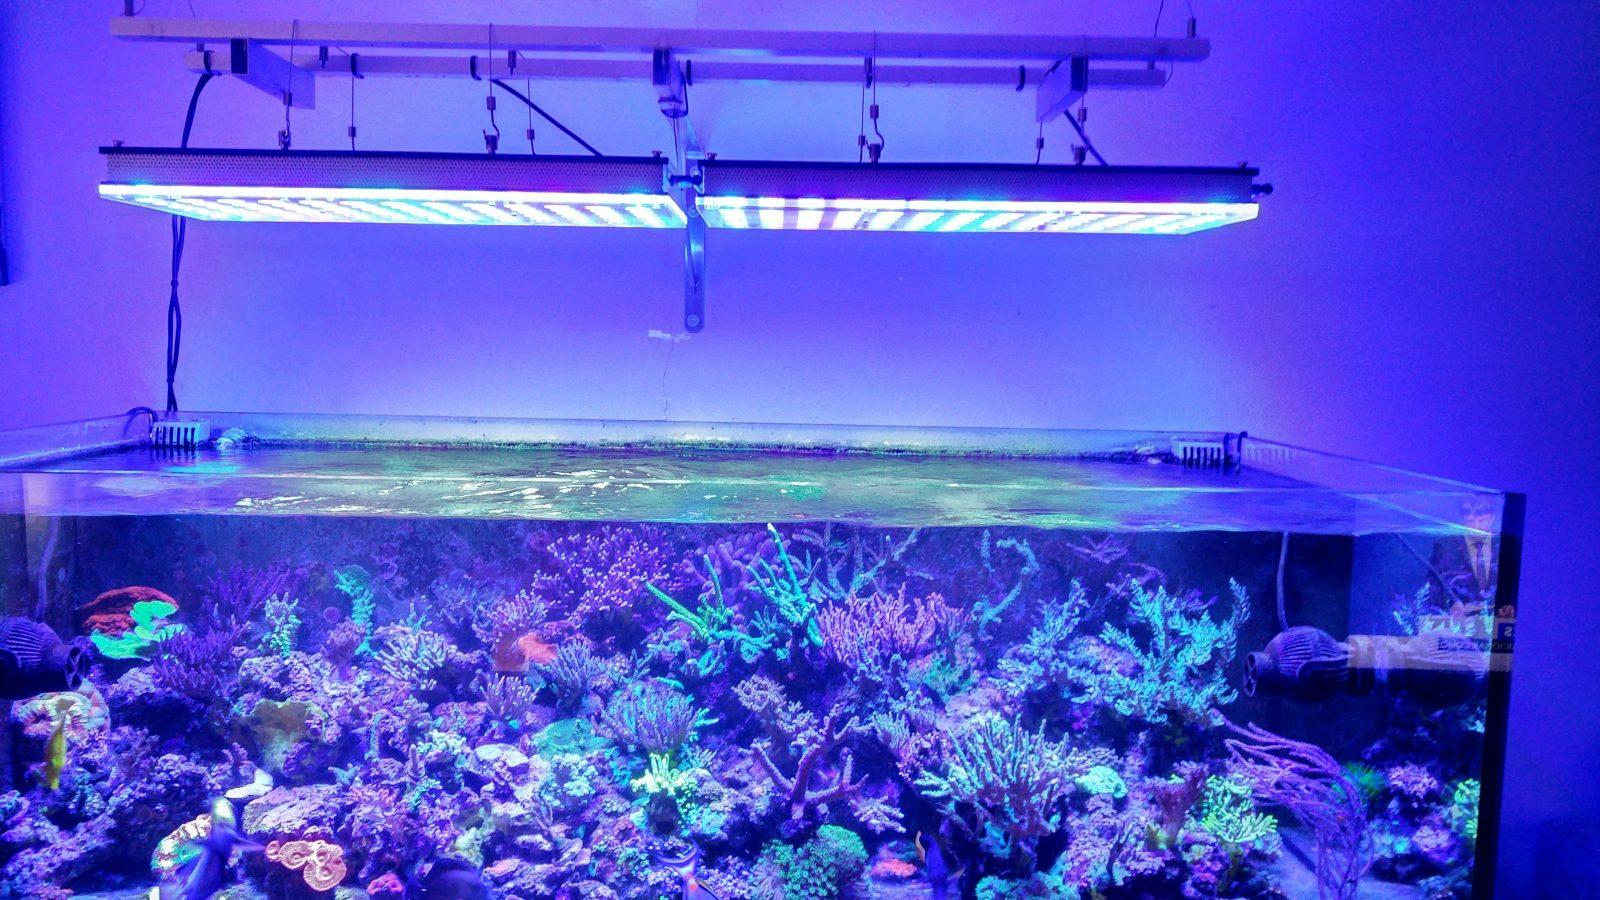 la crescita dei coralli ha portato l'illuminazione